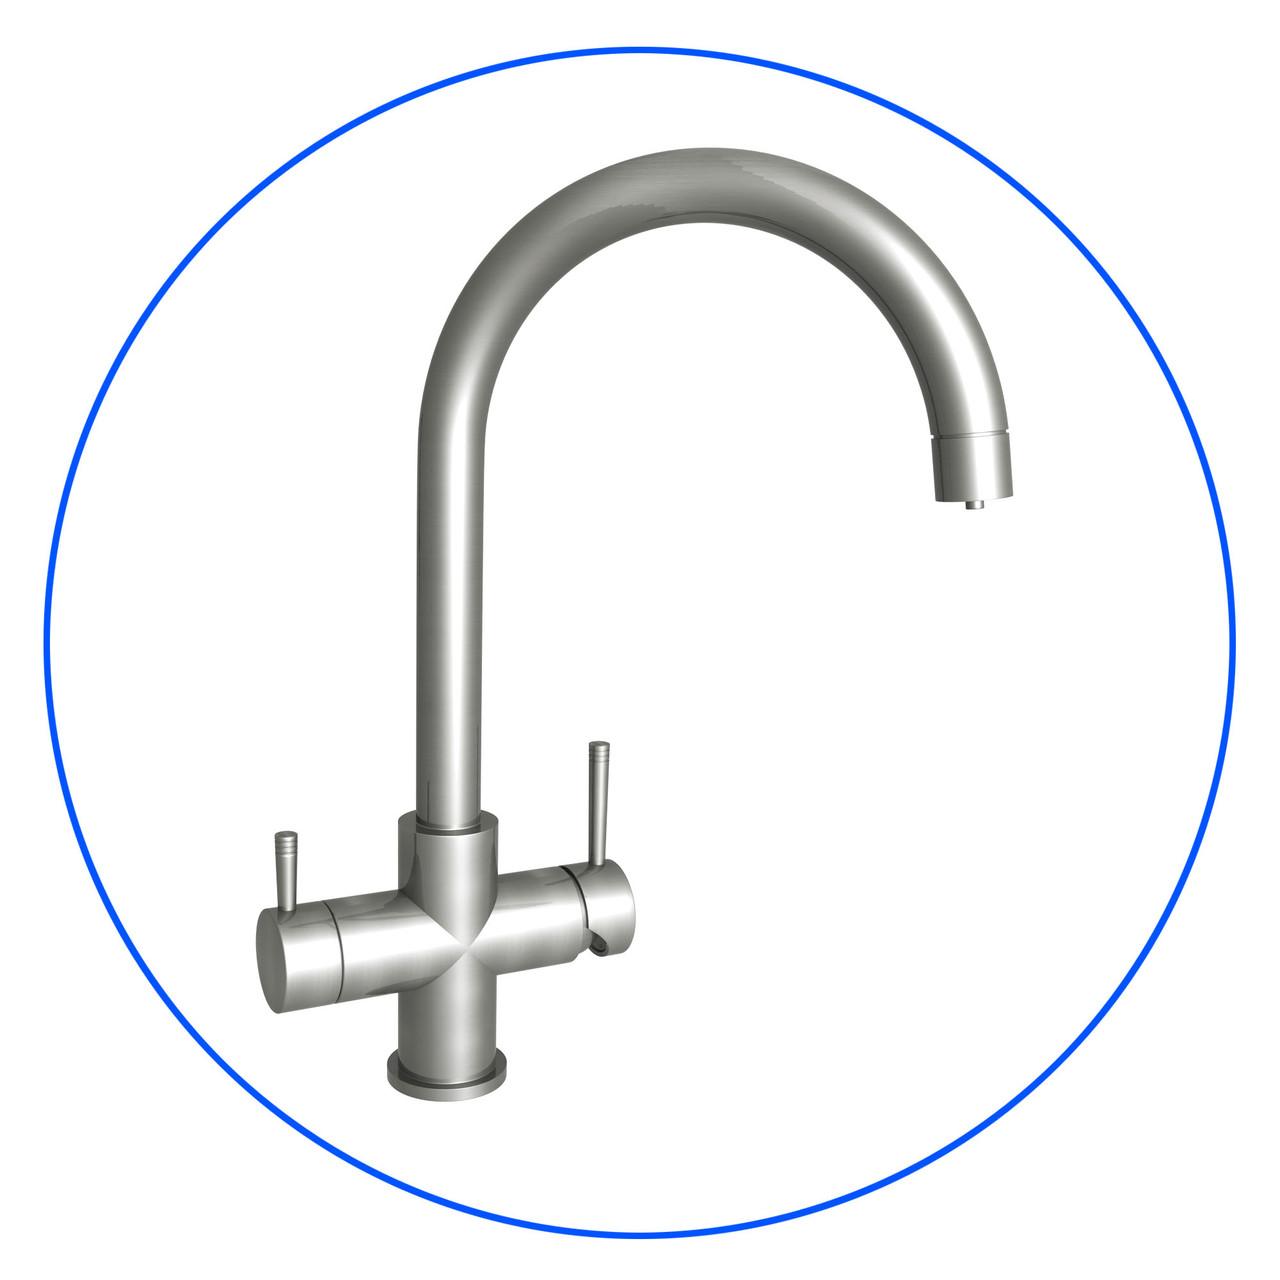 Чотирьохпозиційний кухонний змішувач під осмос Змішувач Aquafilter FXFCH14-4-C_K